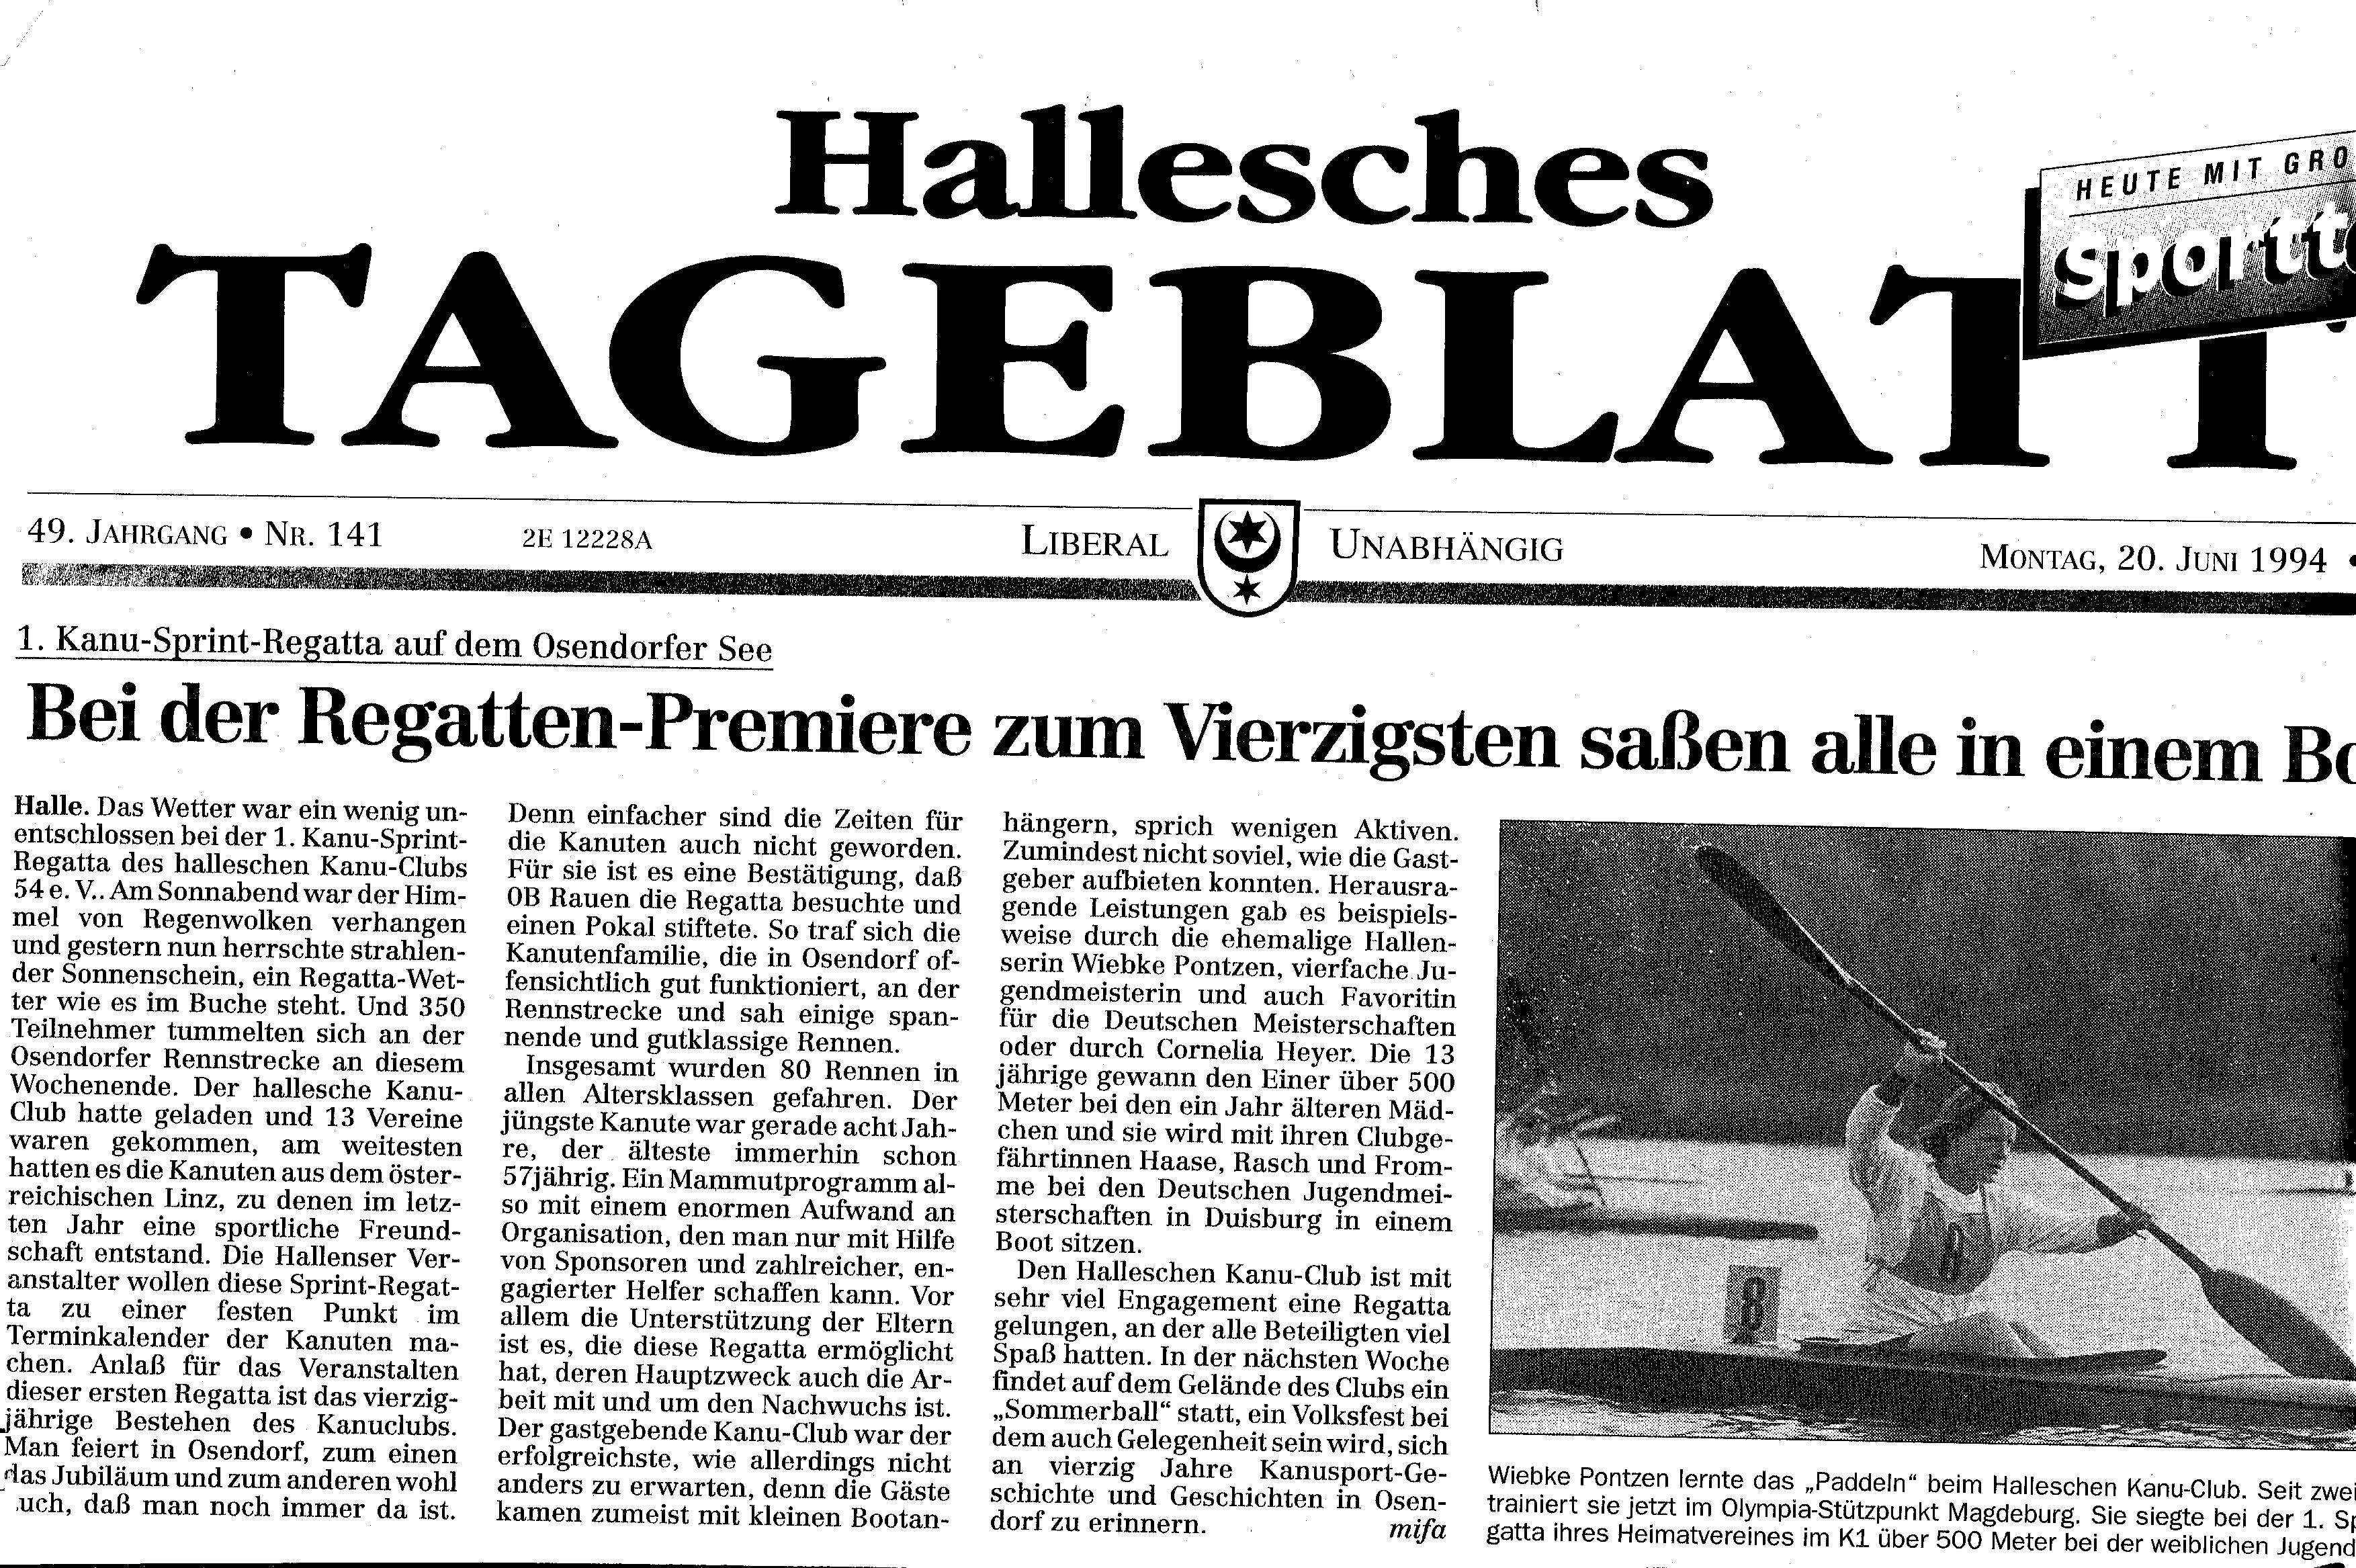 1994-06-20 Hallesches Tageblatt 1. Kanu Sprintregatta, bei Regatta Premiere zum Vierzigsten saßen alle in einem Boot